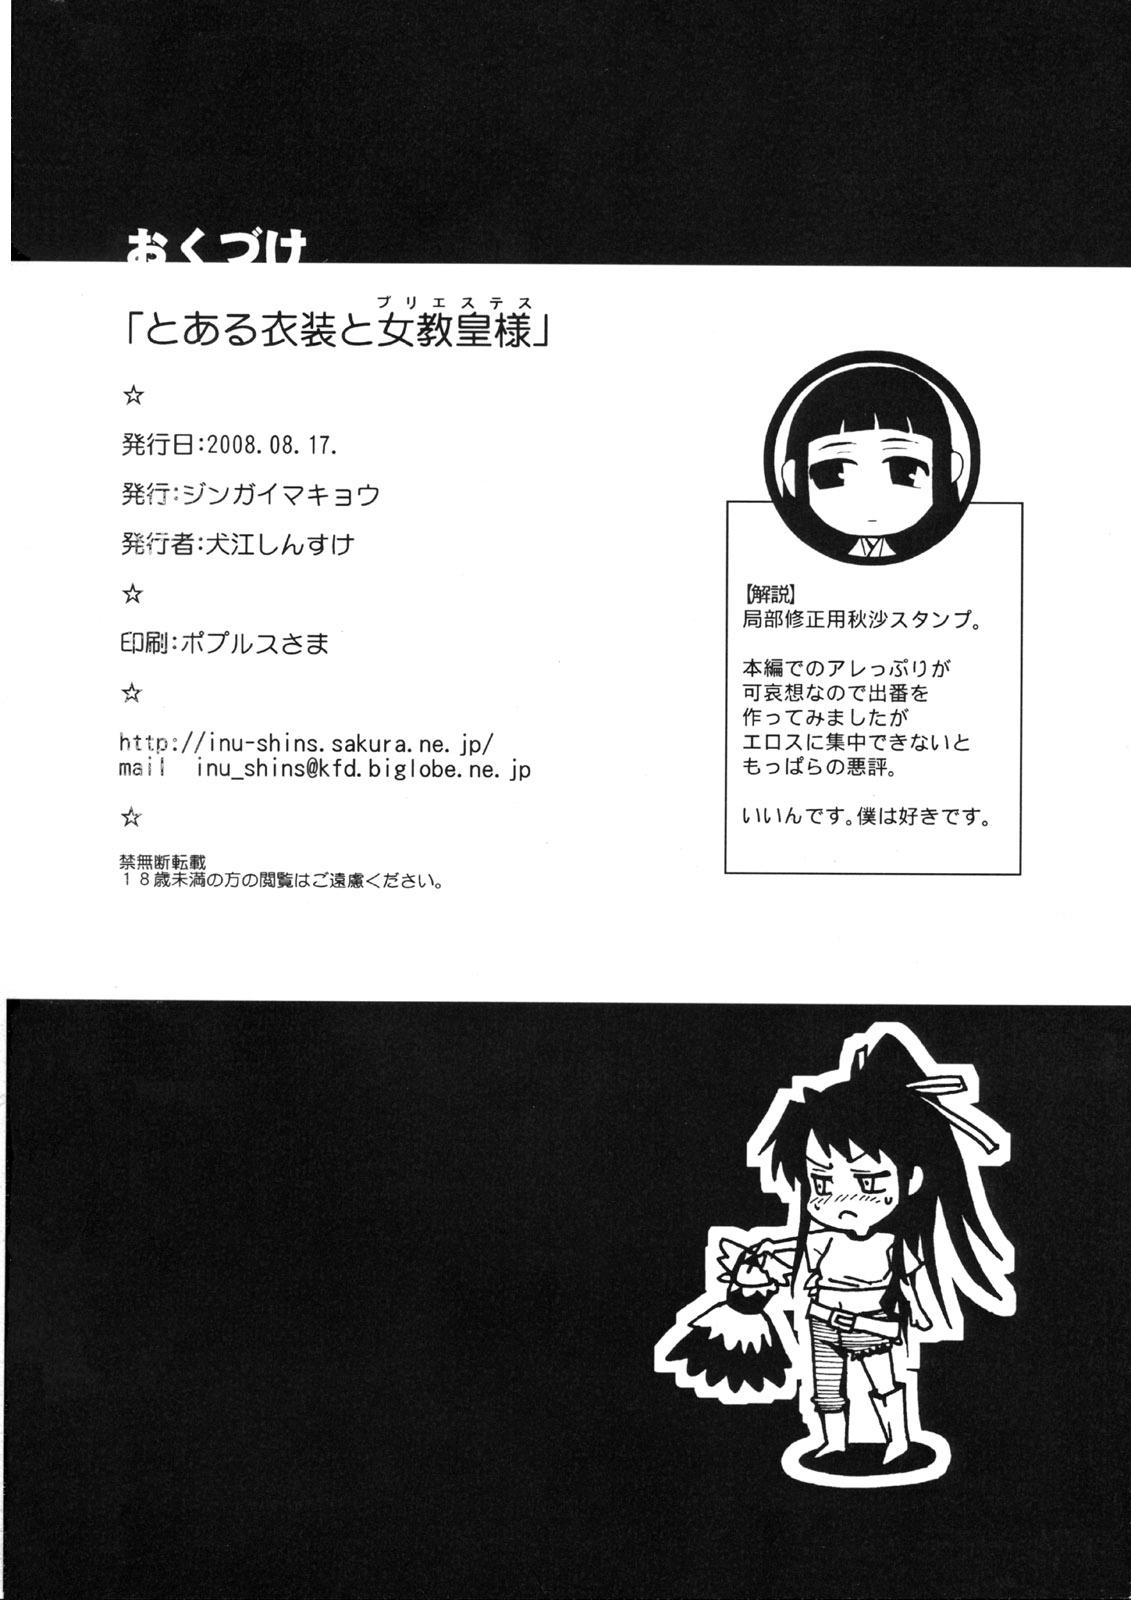 no second to shoukan majutsu maou shoujo dorei season isekai Girl foxy five nights at freddy's